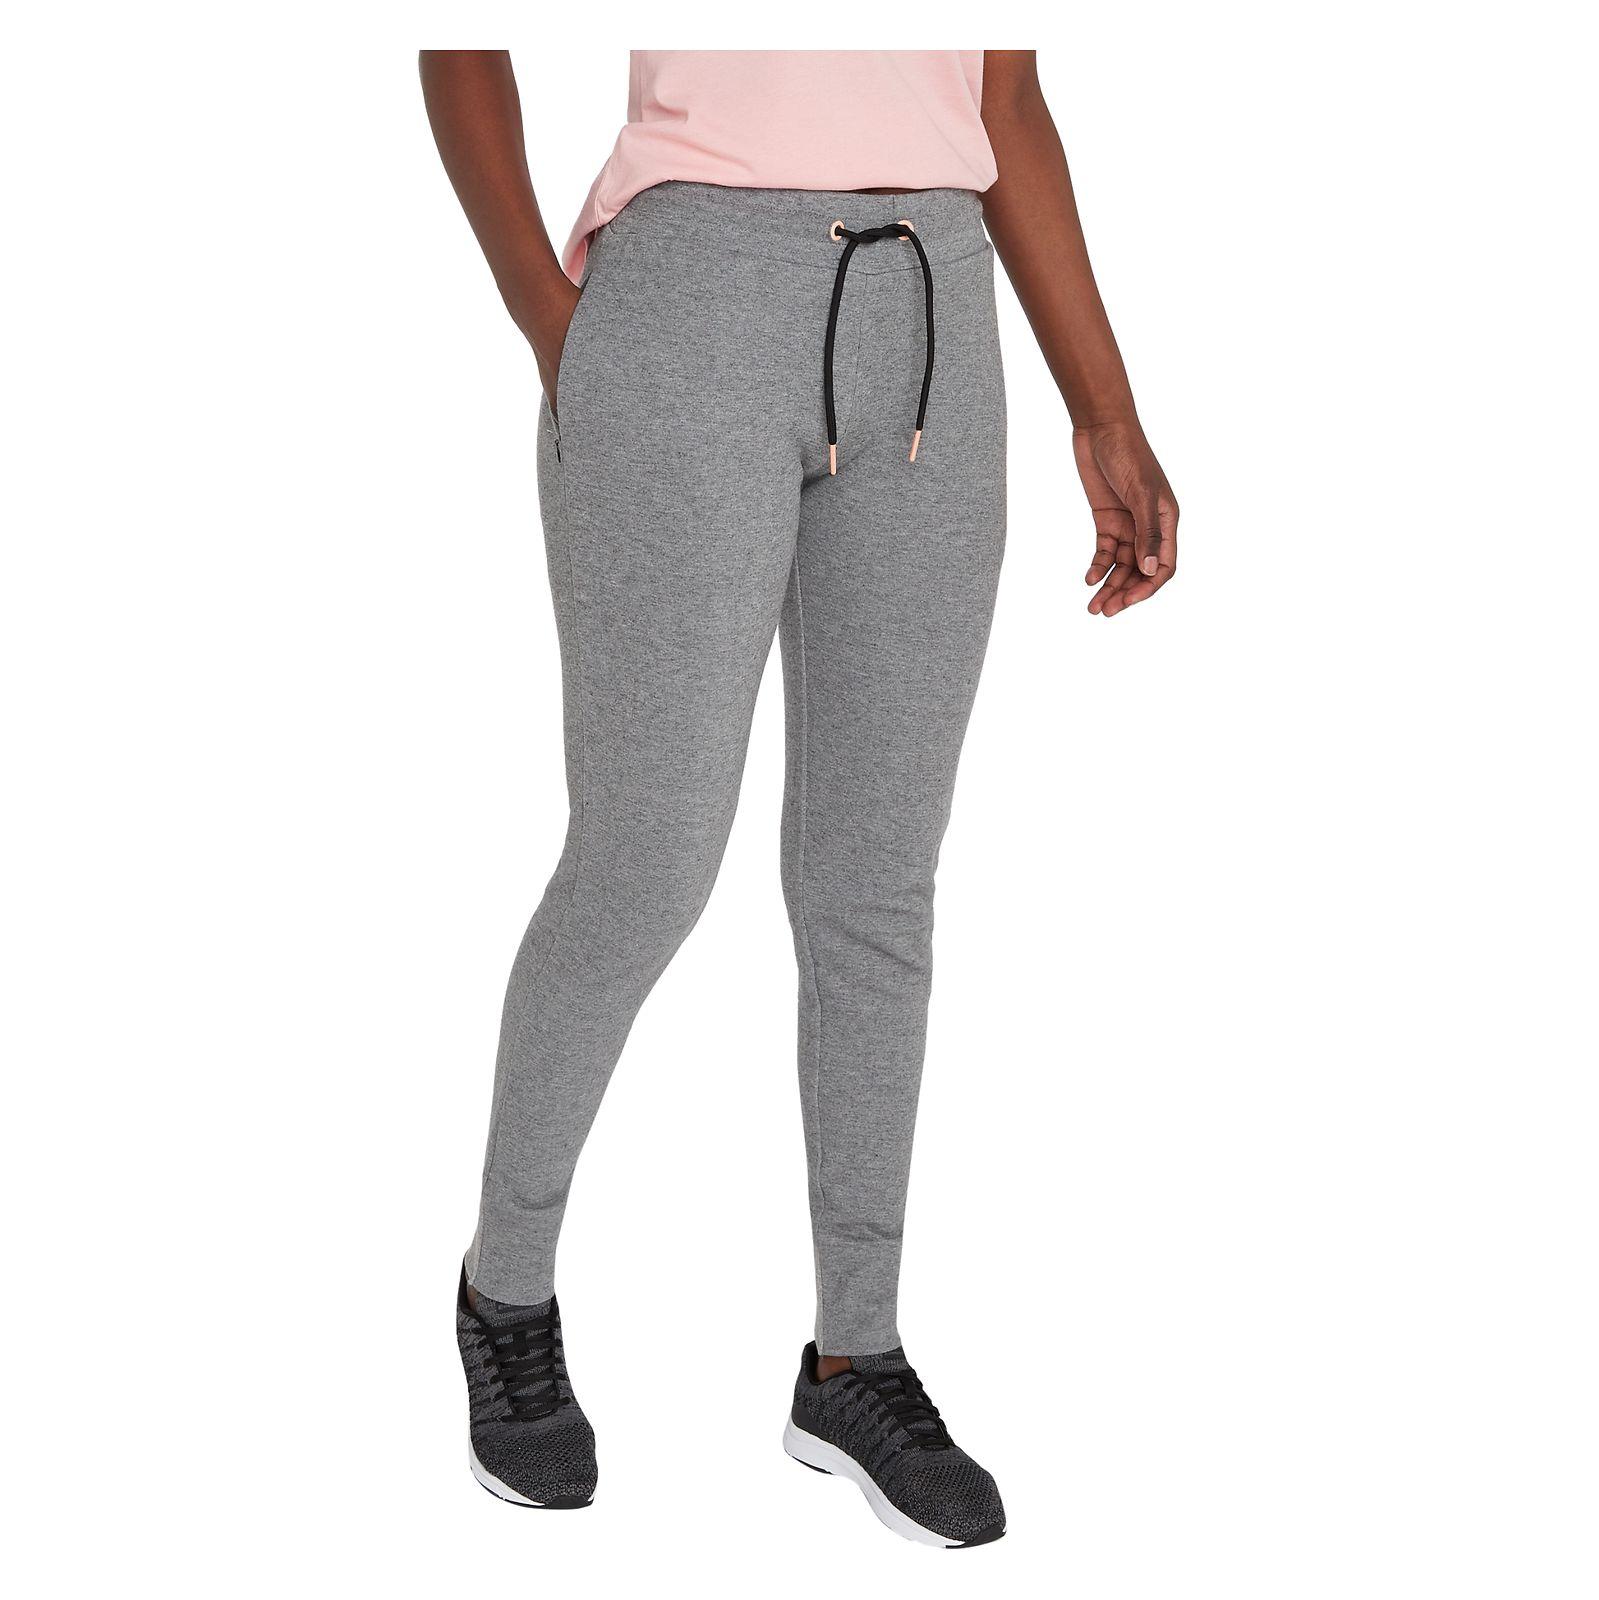 Spodnie damskie dresowe Energetics Lexia 294595